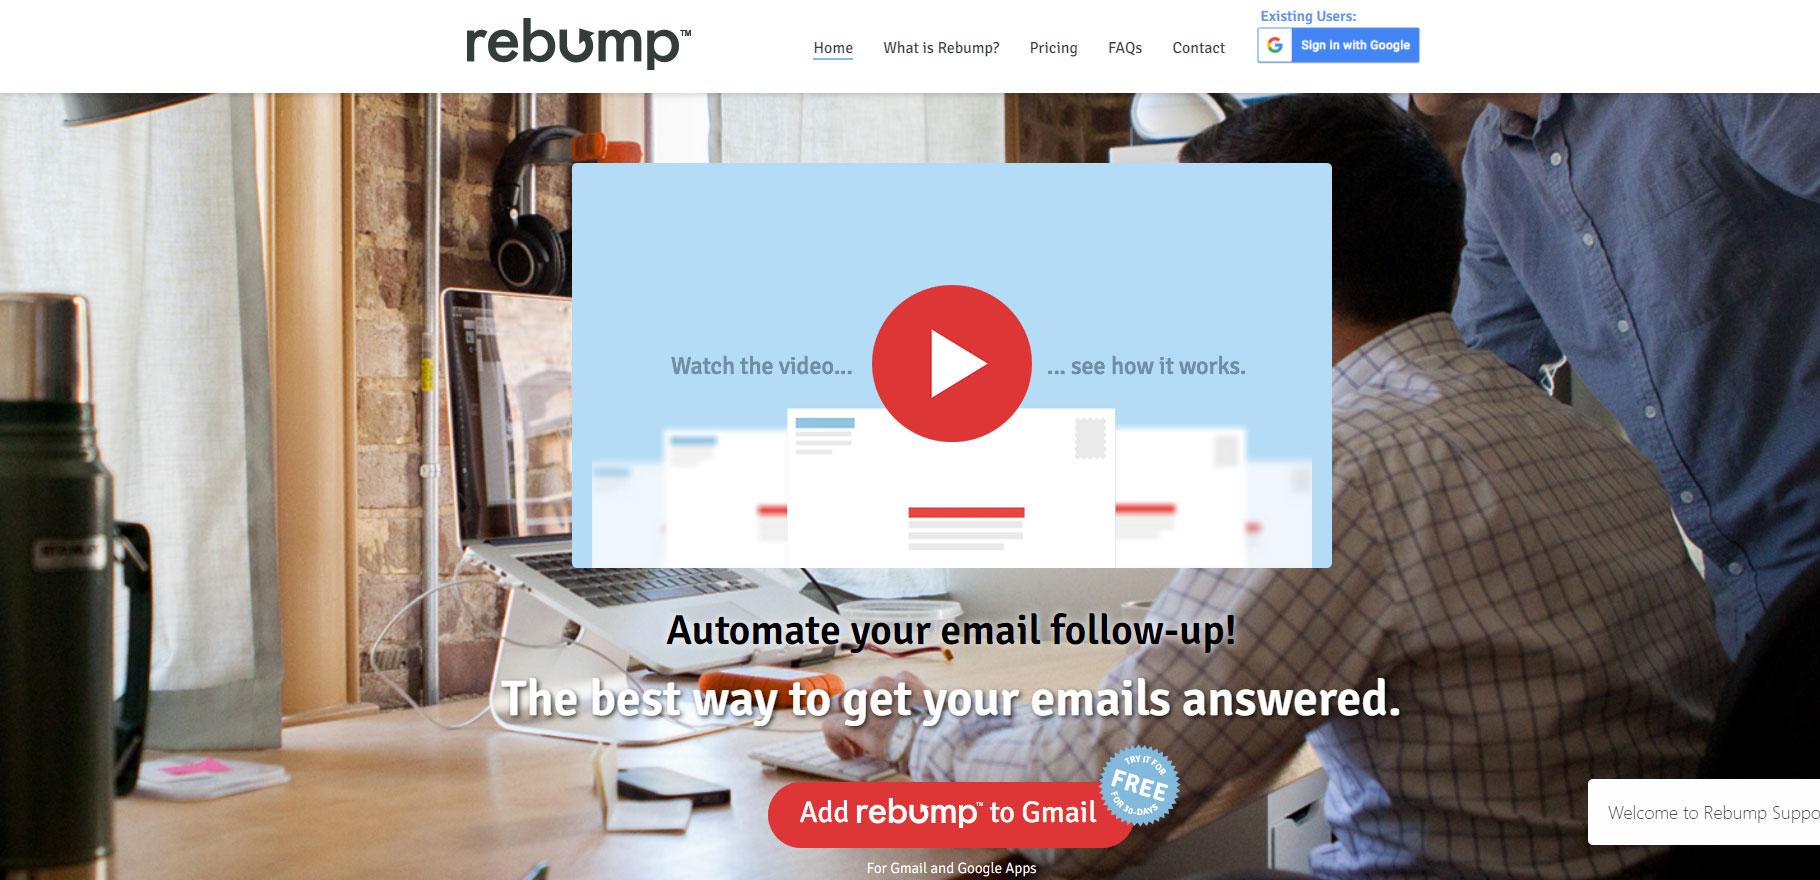 Exemple-de-video-sur-la-page-d'accueil